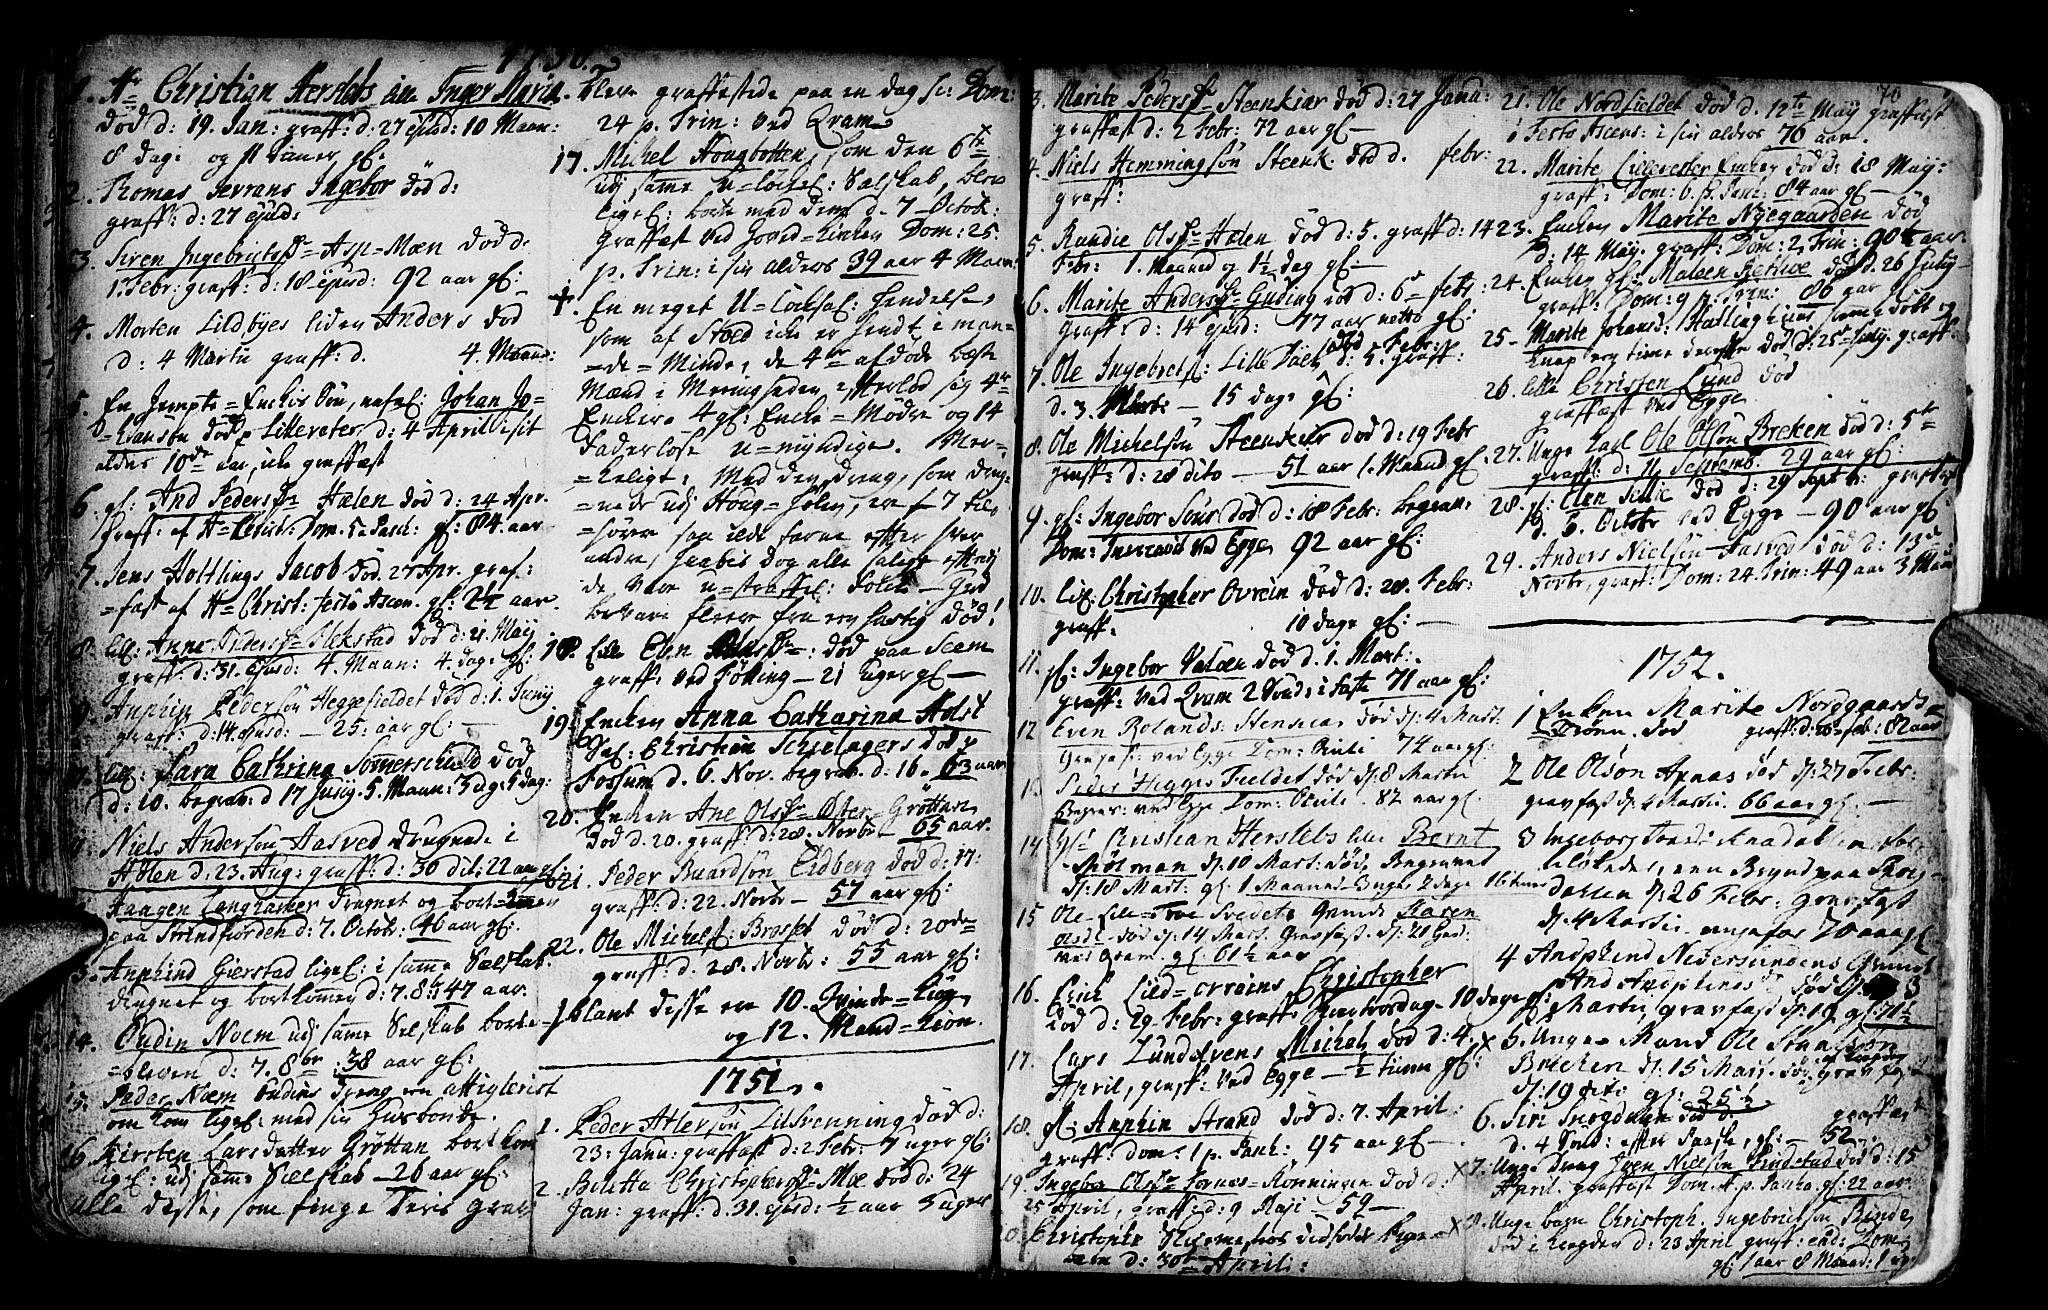 SAT, Ministerialprotokoller, klokkerbøker og fødselsregistre - Nord-Trøndelag, 746/L0439: Ministerialbok nr. 746A01, 1688-1759, s. 70